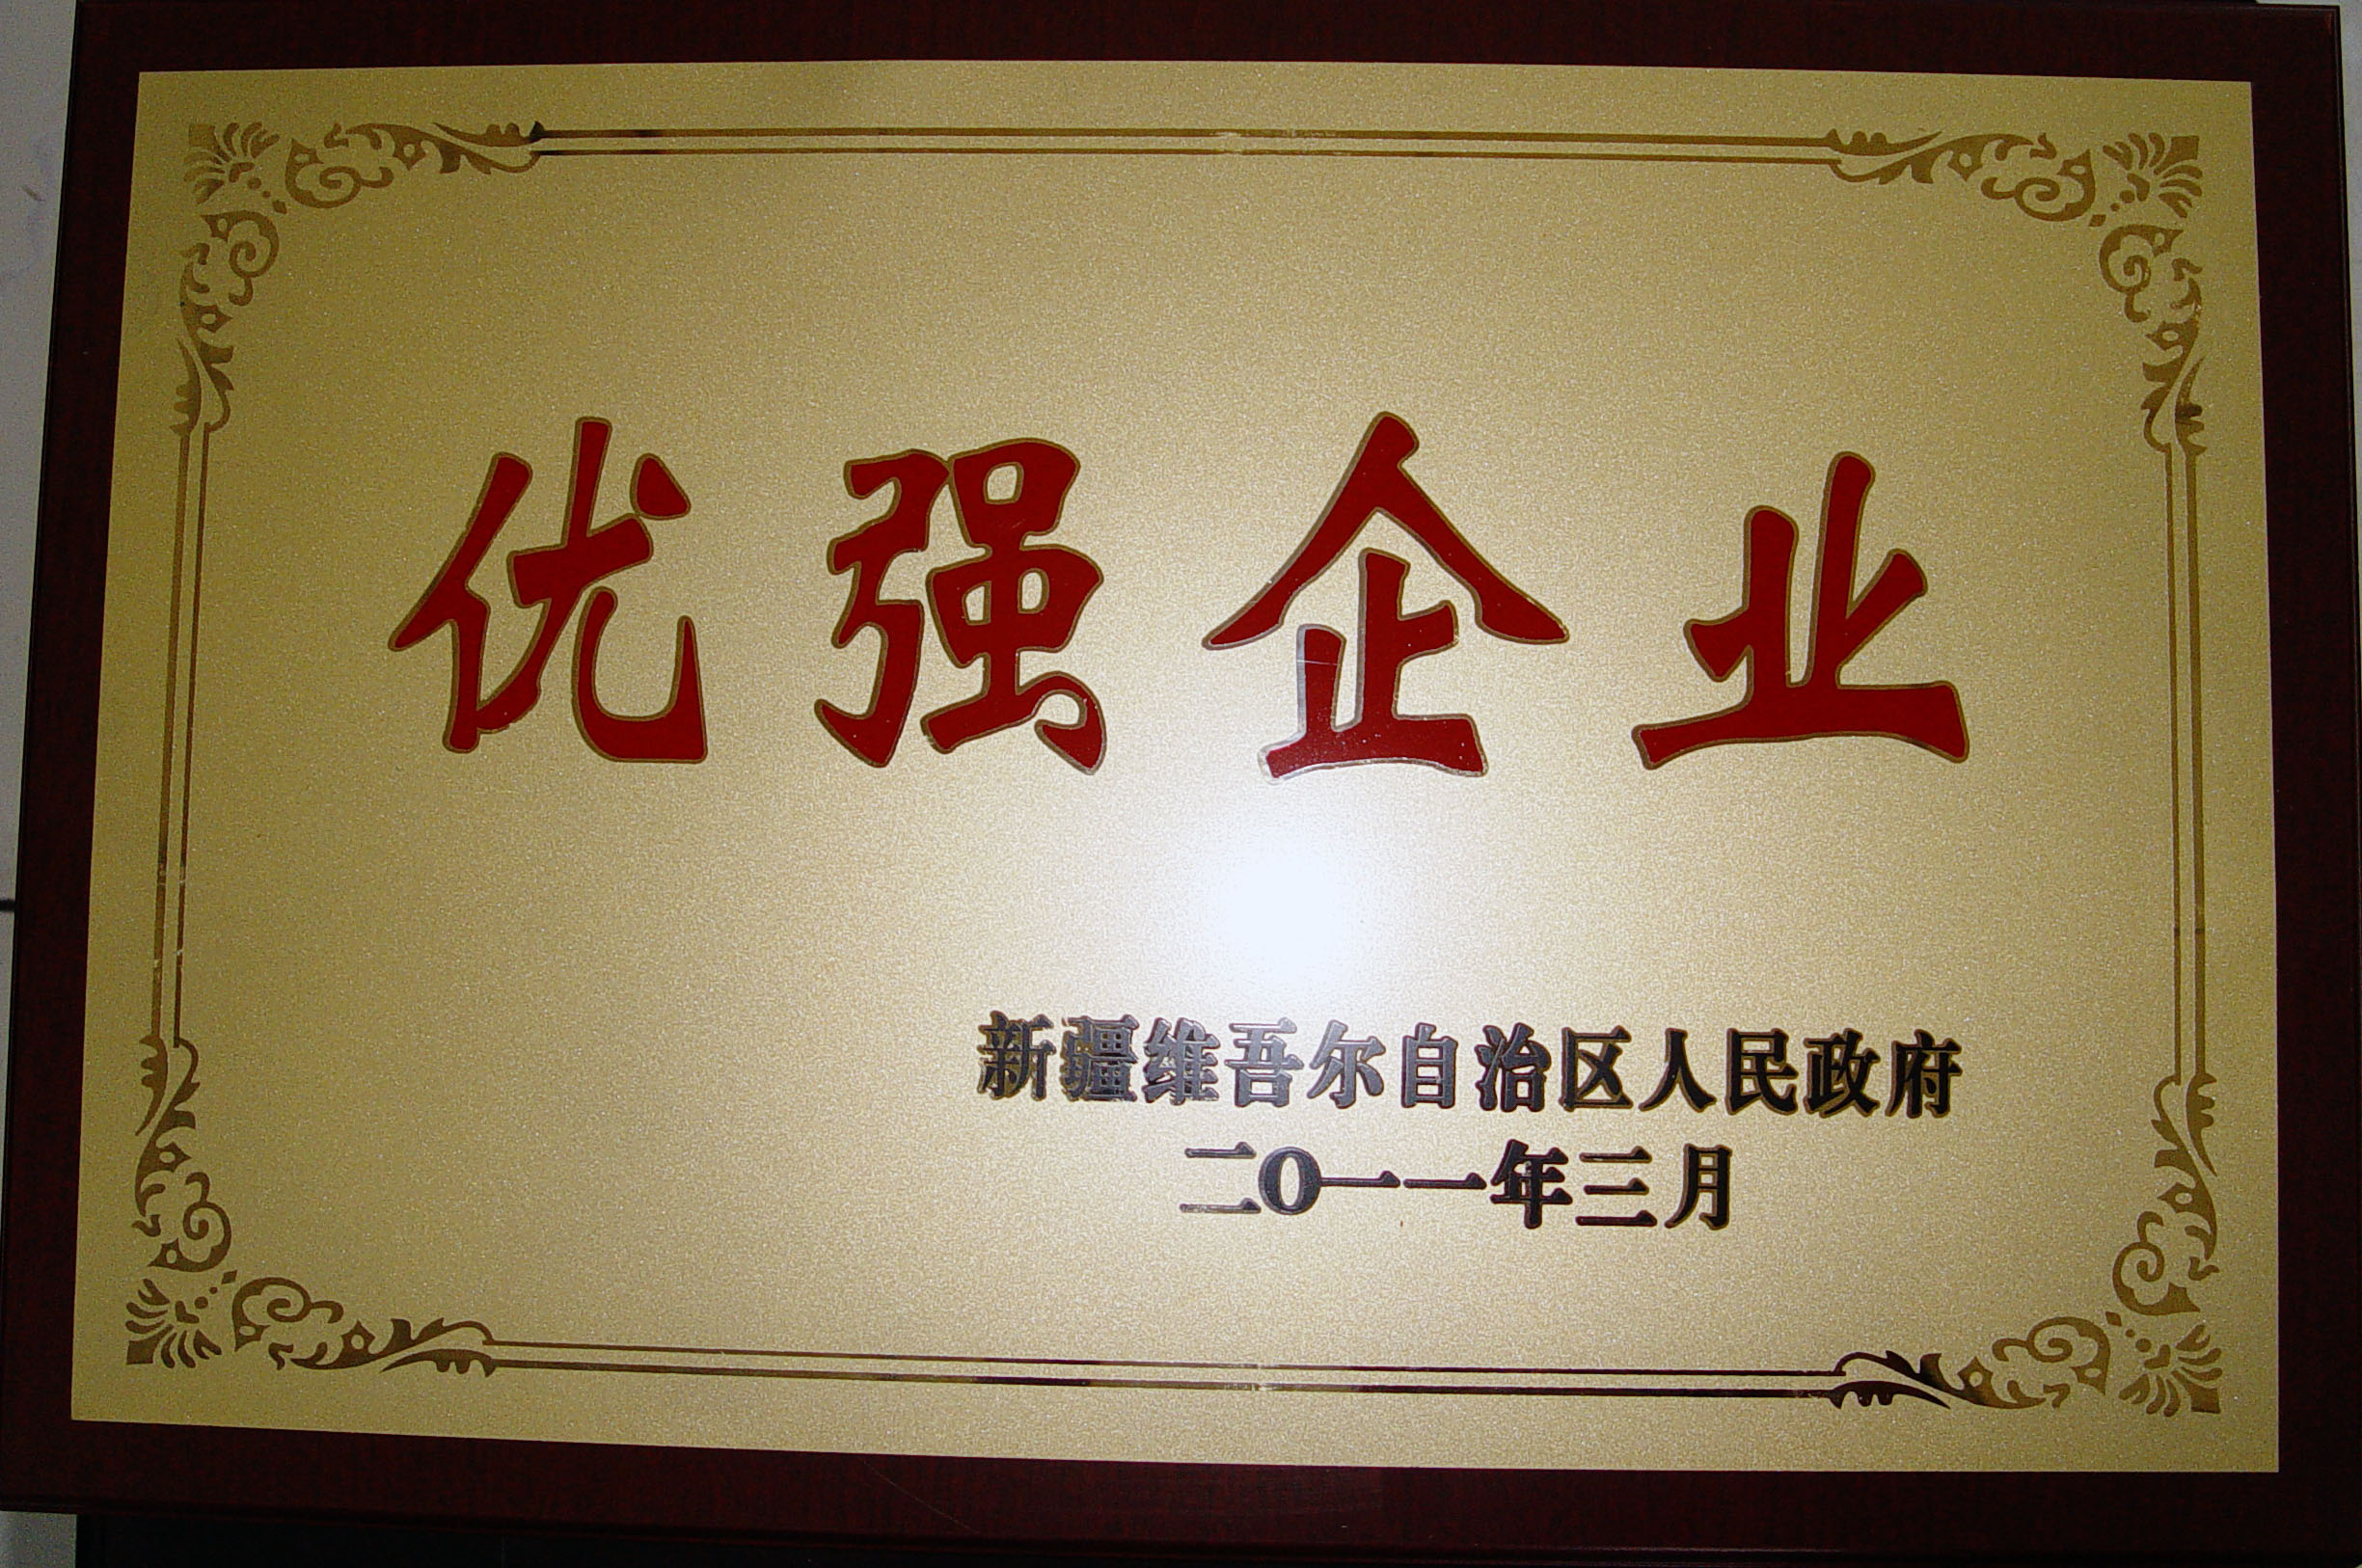 自治区优强企业2011.3